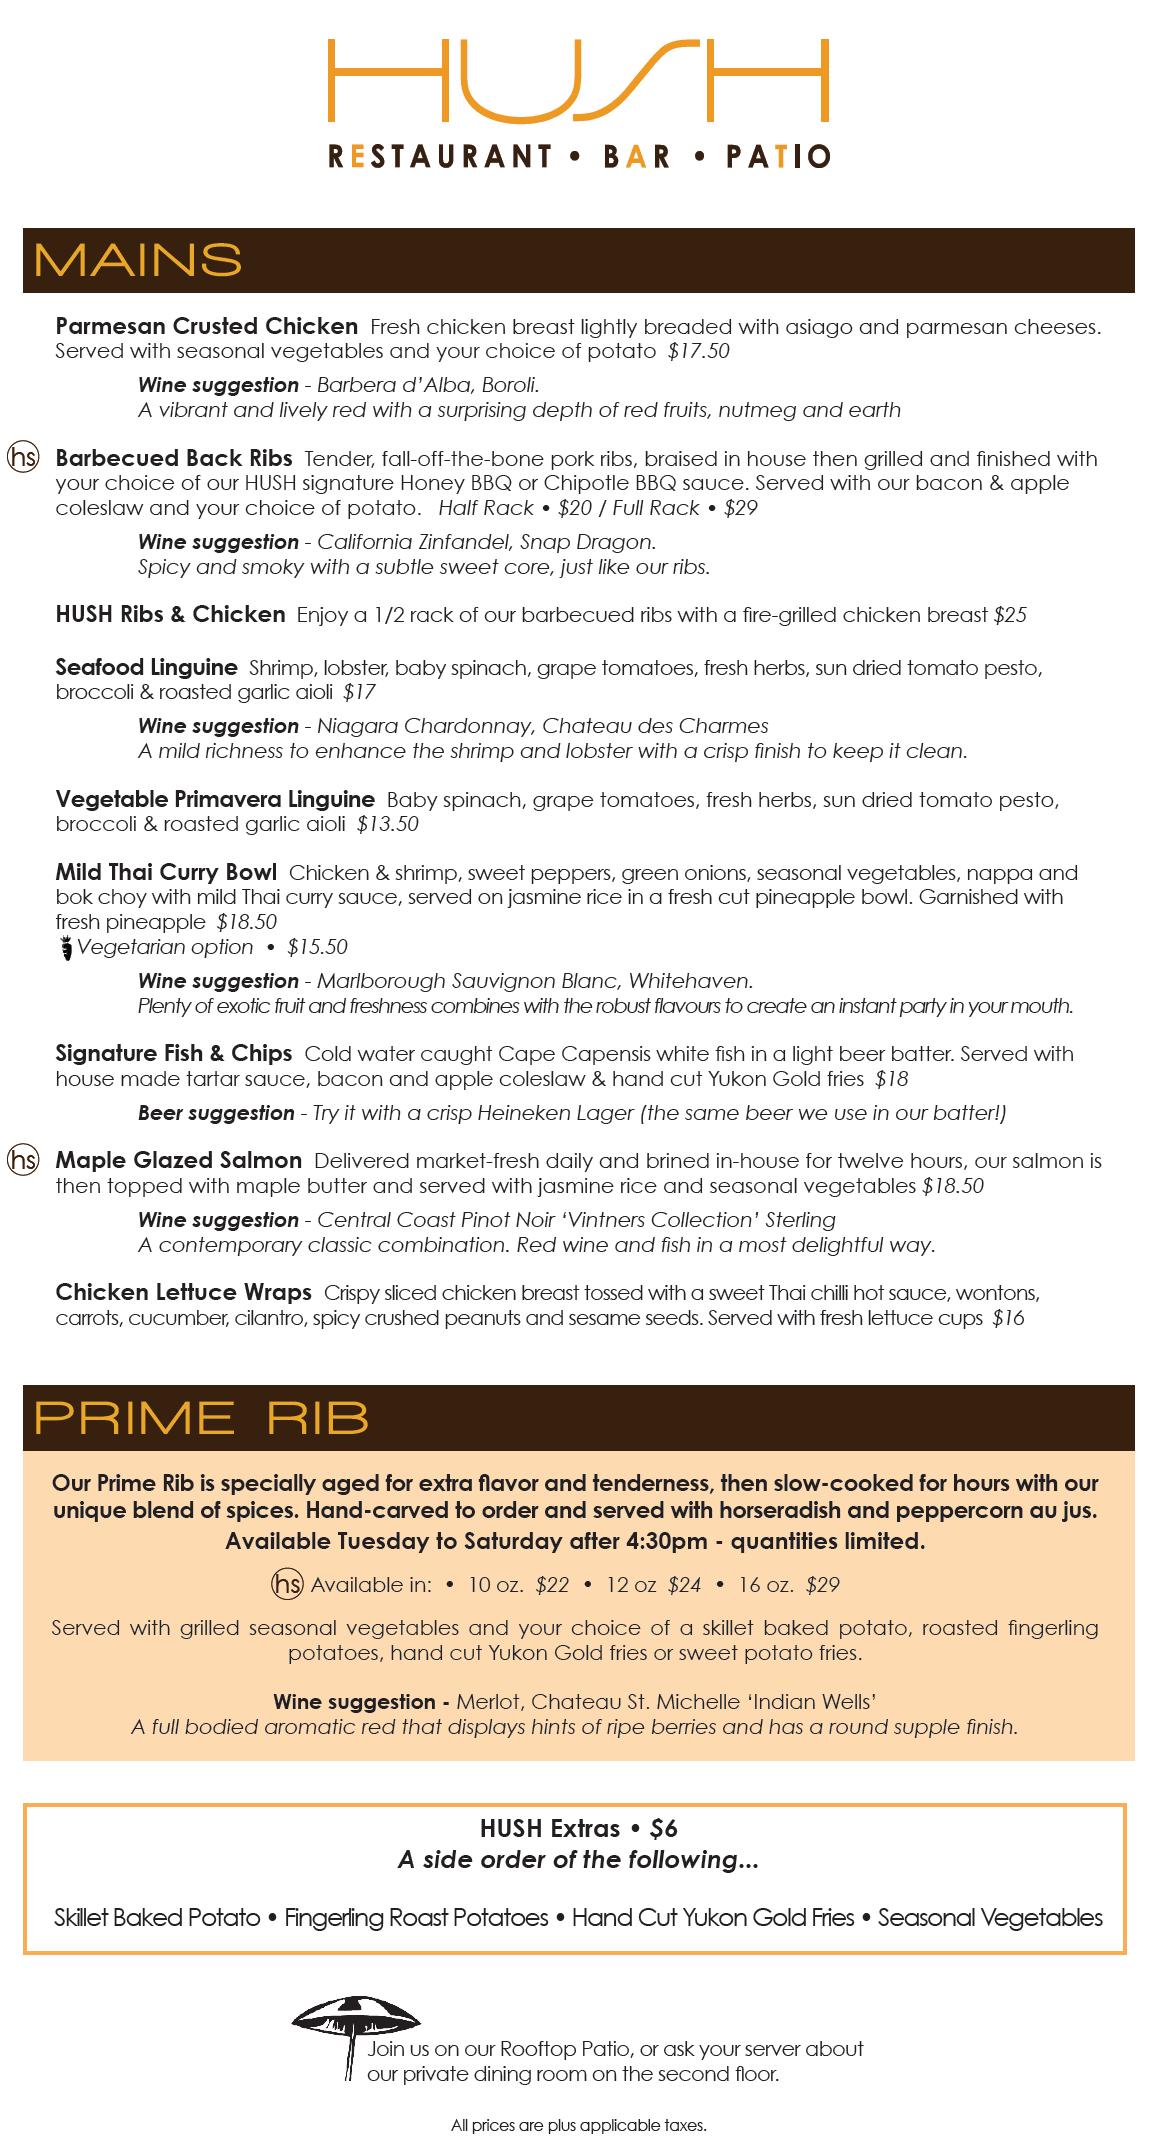 Hush Restaurant menu